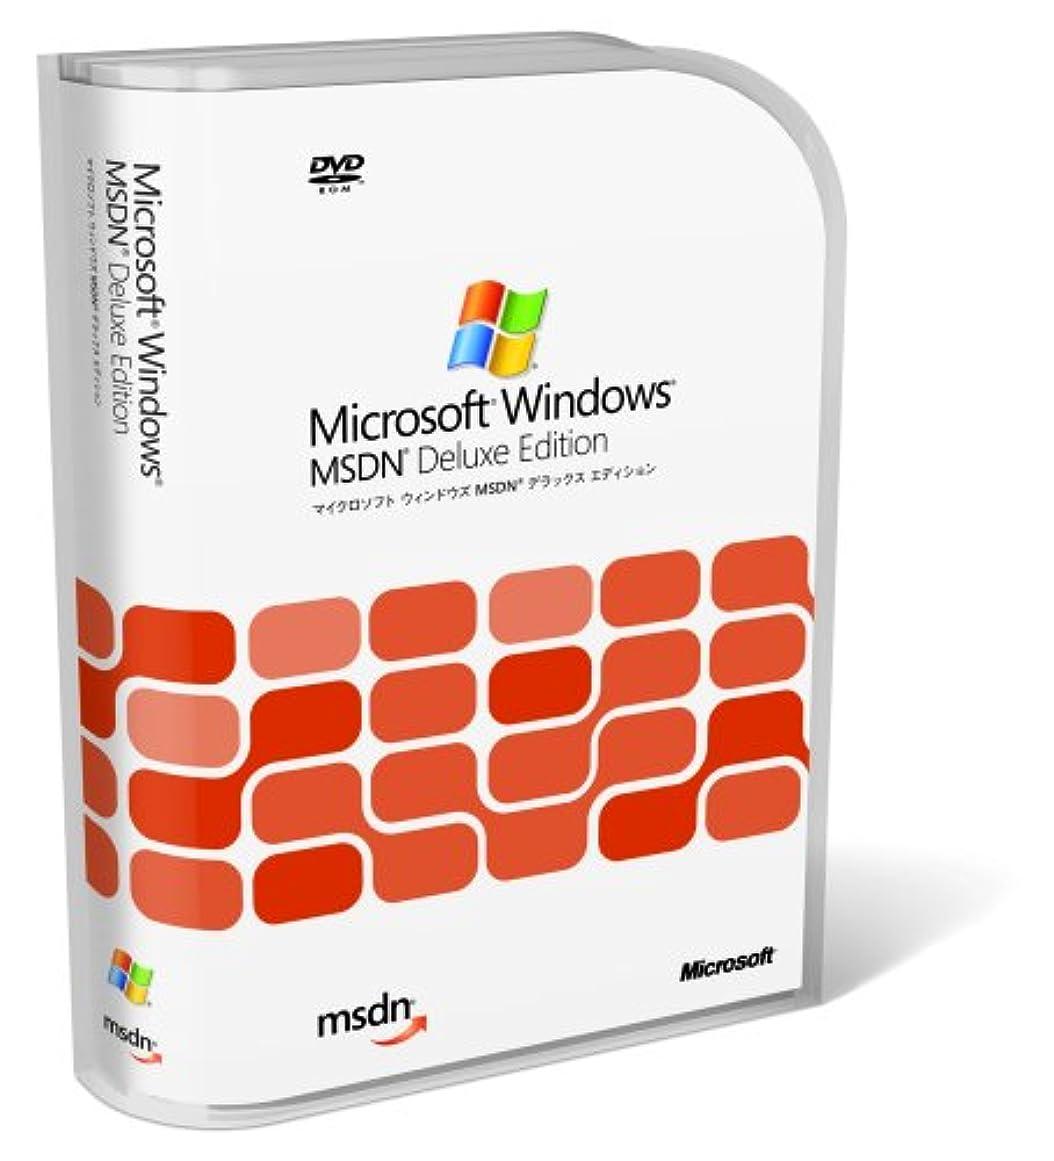 チップ読書測定可能【旧商品】Microsoft Windows MSDN Deluxe Edition